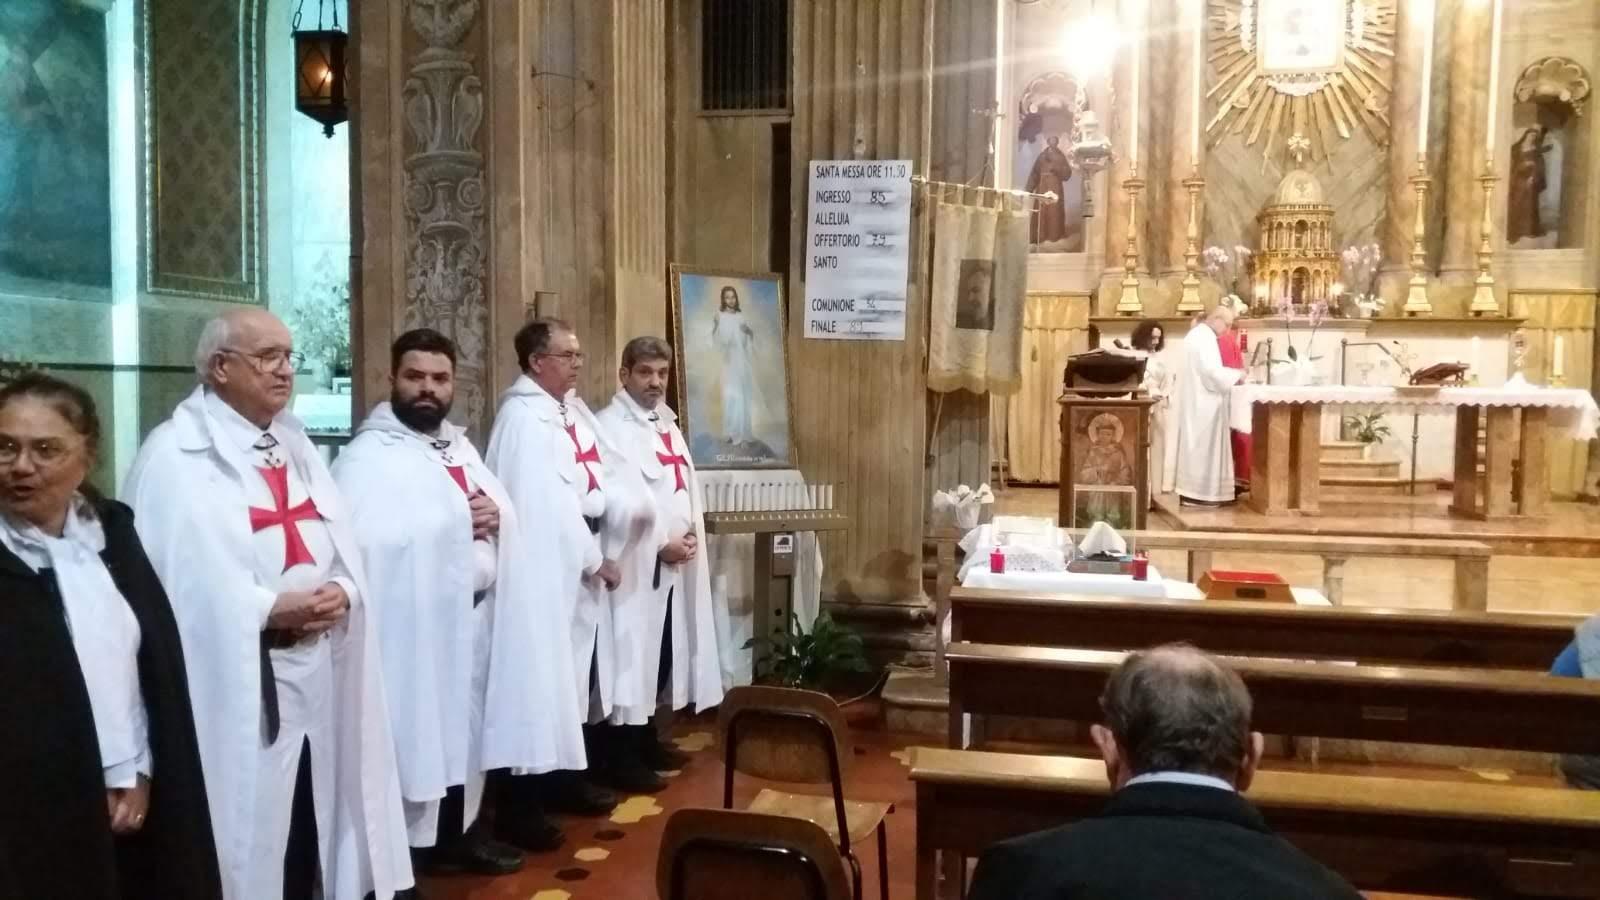 Santa Messa per San Pio – Chiesa di Santa Maria in Fiore – Forlì (FC) 22.11.2019